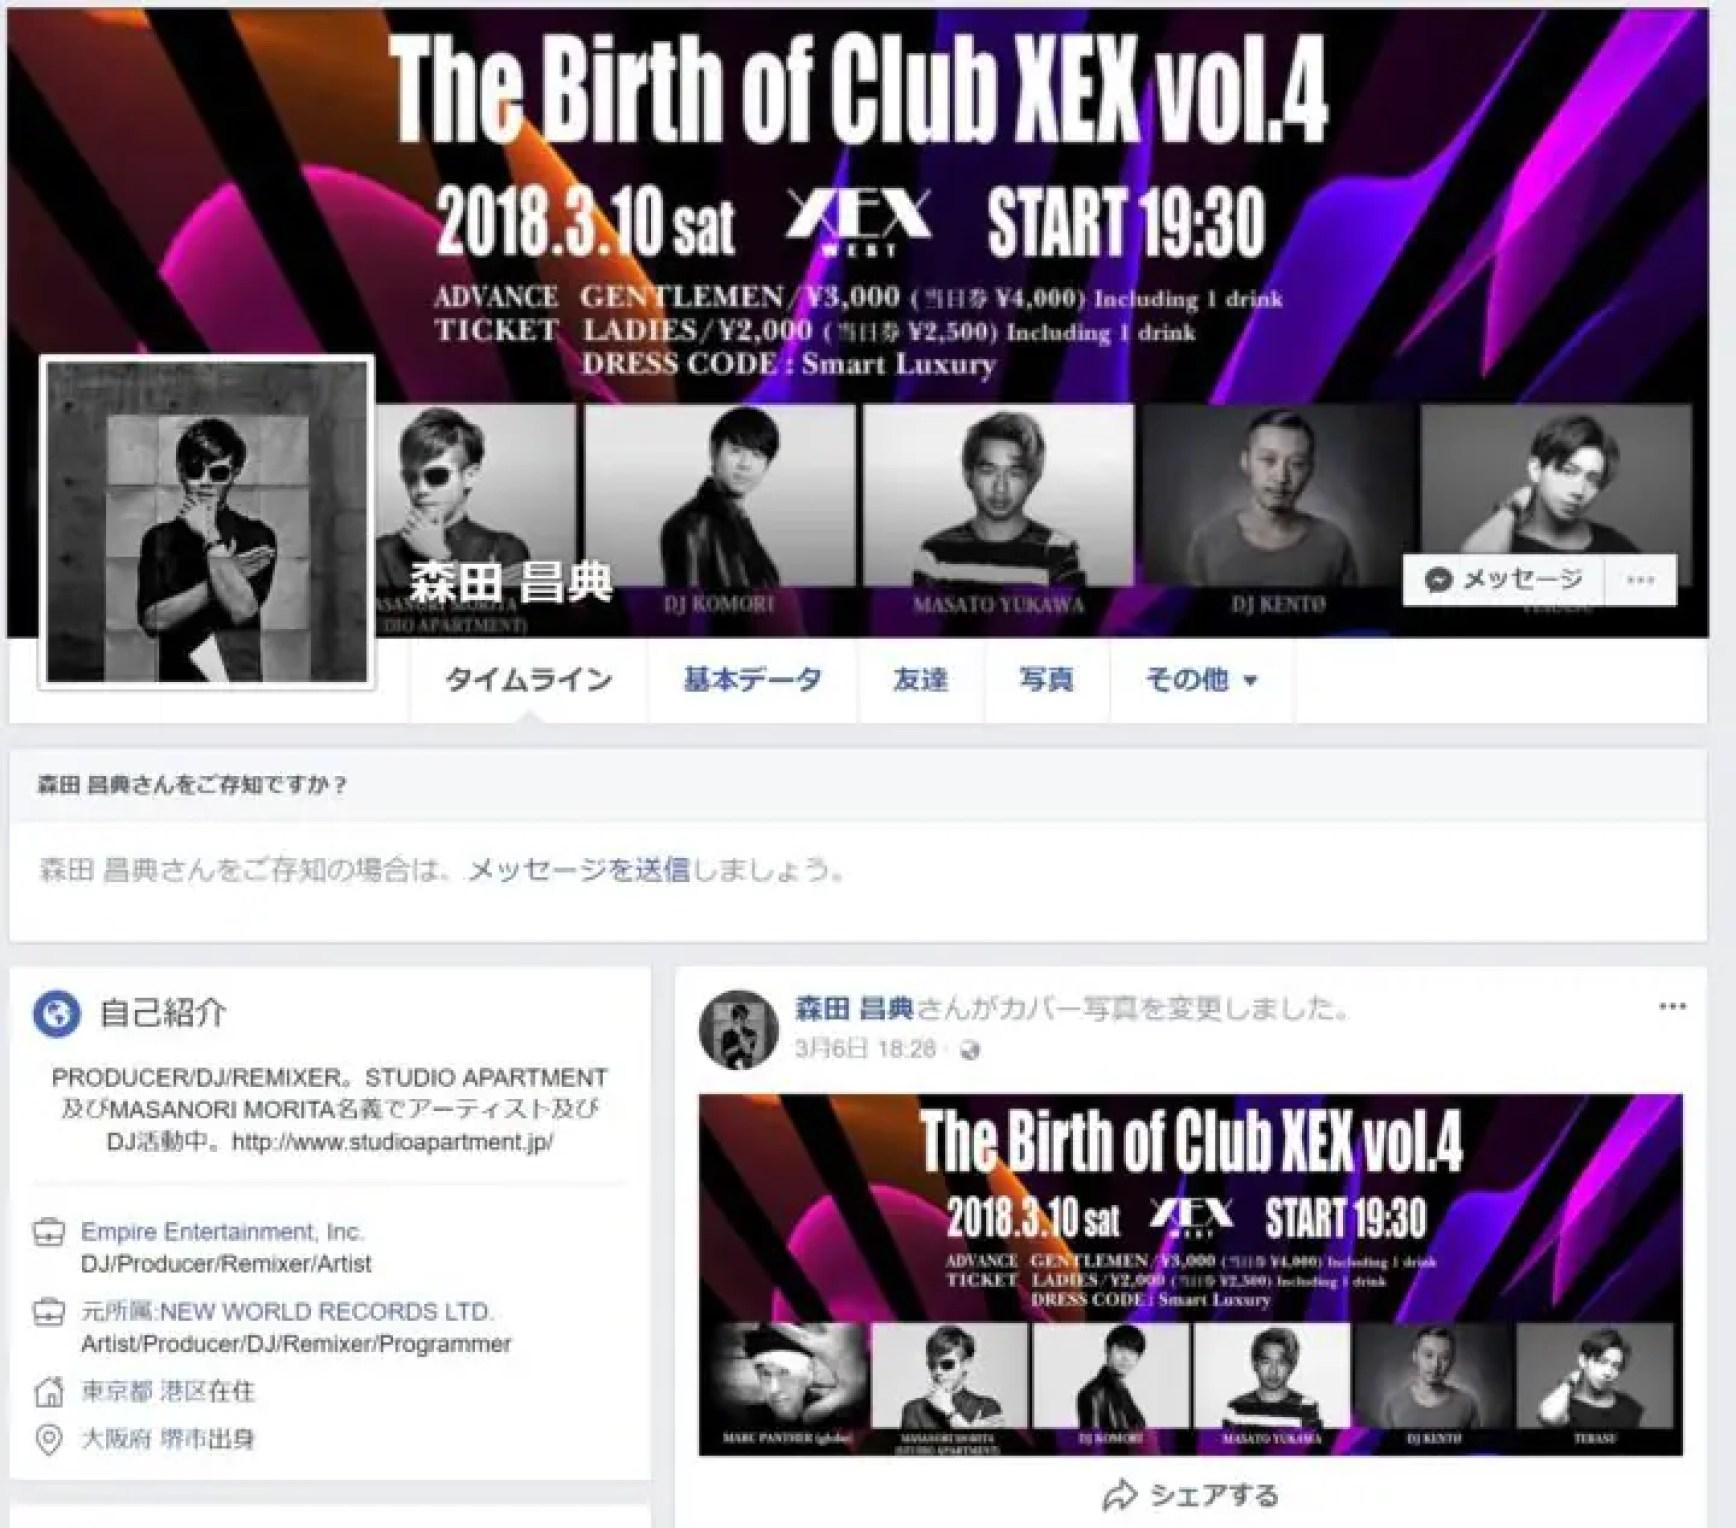 森田昌典のFacebook画像